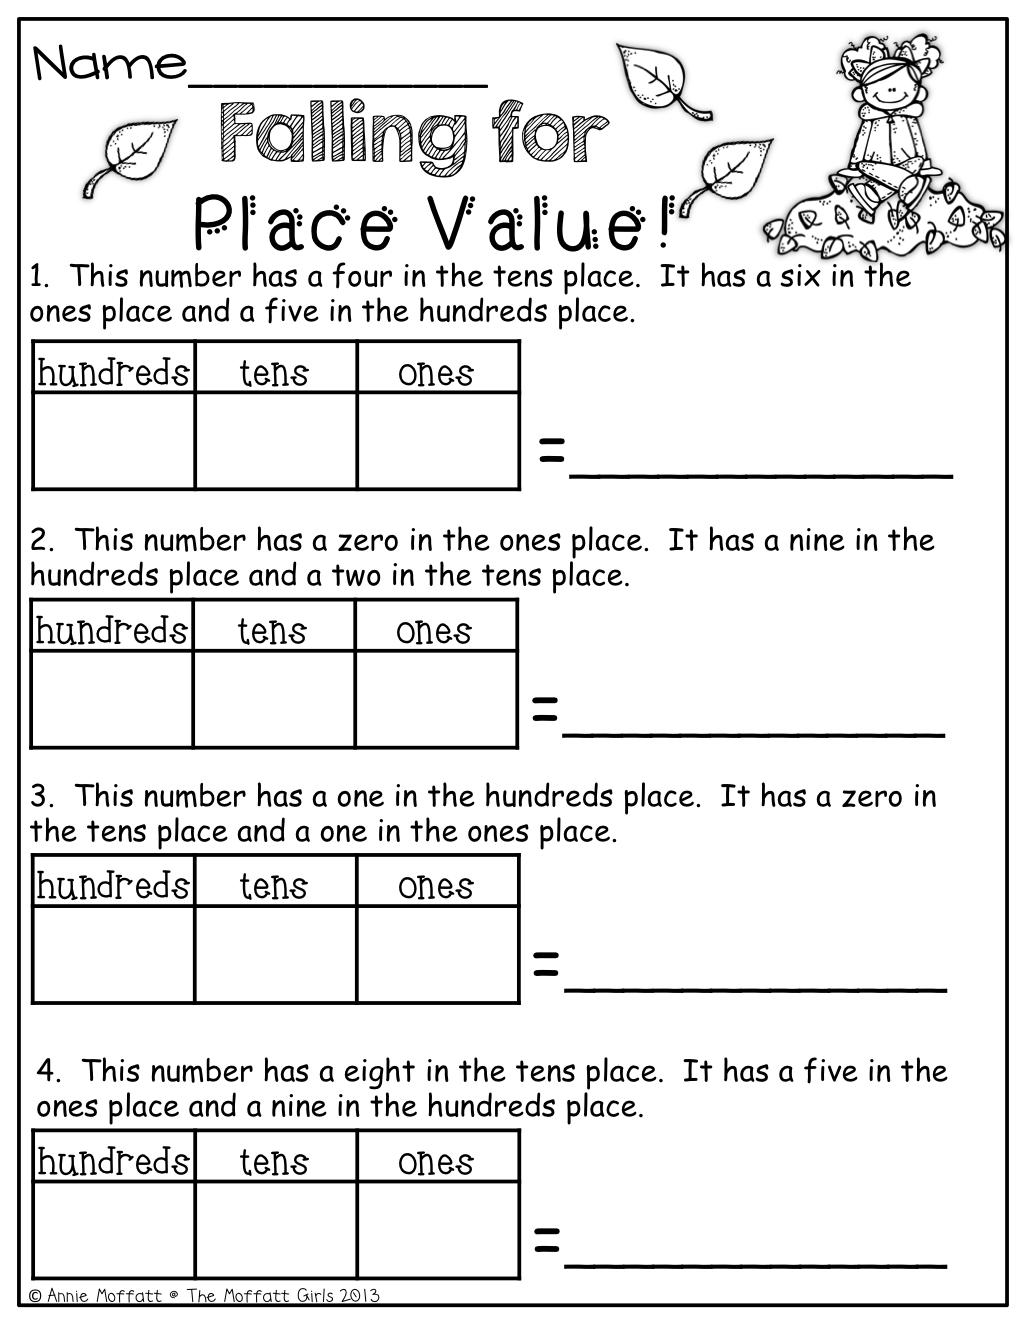 medium resolution of The Moffatt Girls: Fall Math and Literacy Packet (1st Grade)   Second grade  math